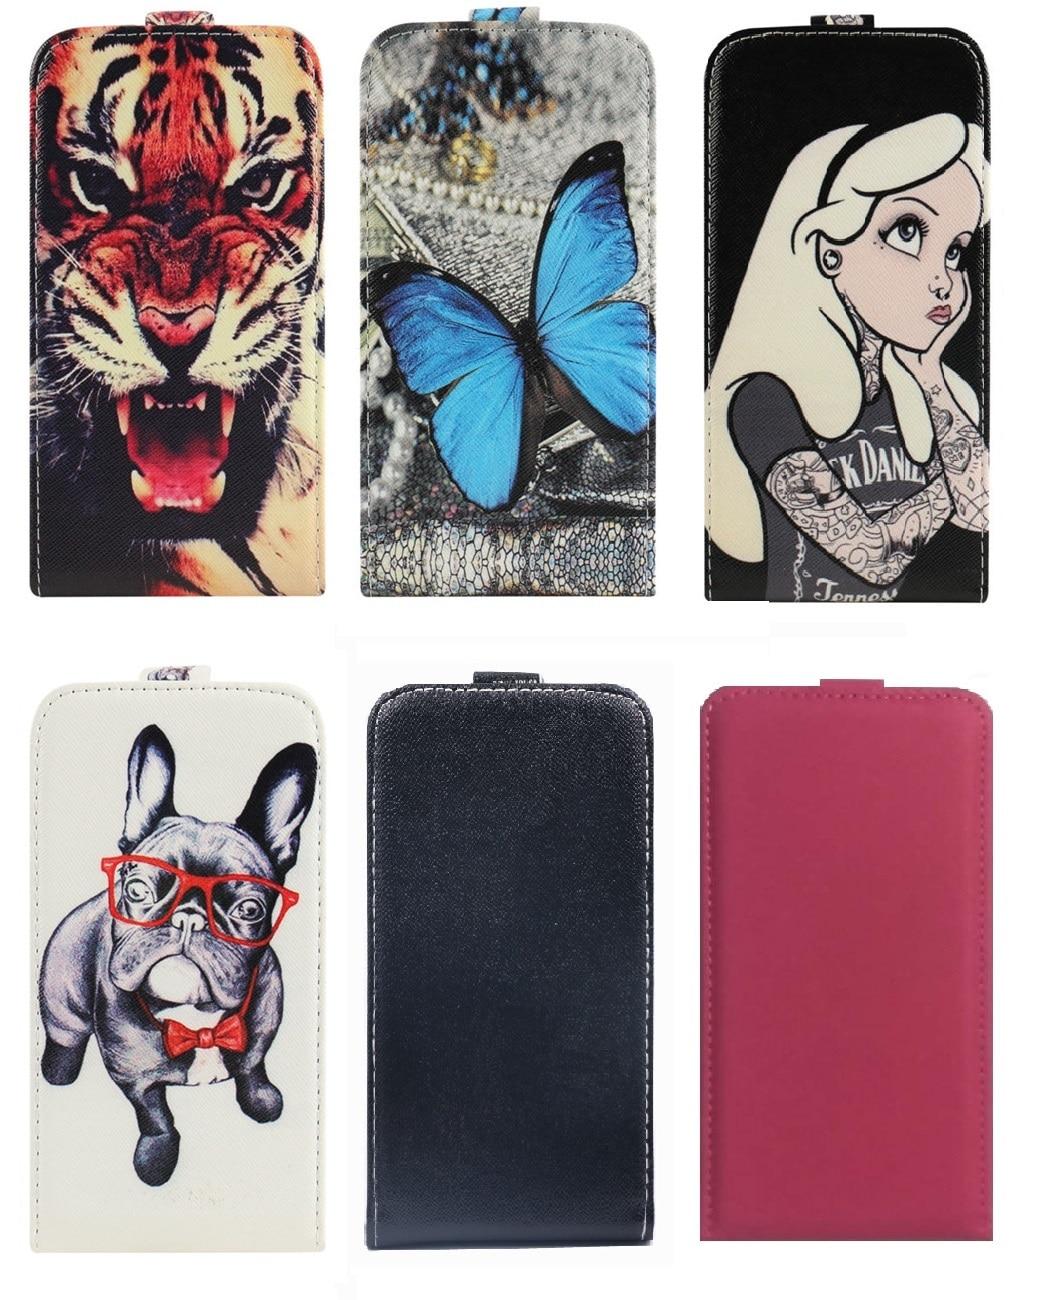 Karikatura tištěné nahoru a dolů PU kožené pouzdro kryt pouzdra - Příslušenství a náhradní díly pro mobilní telefony